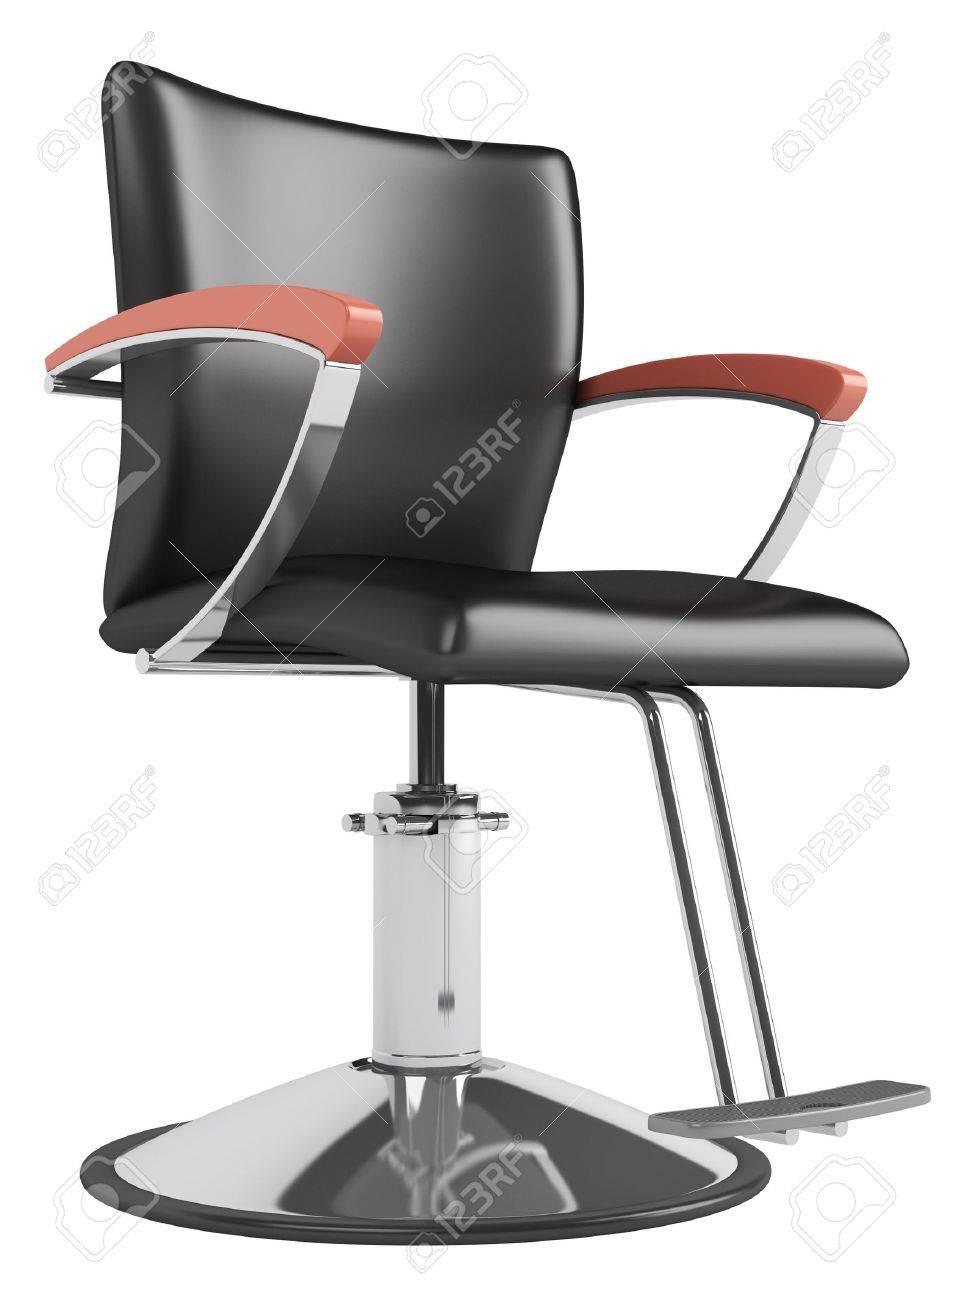 Noir Chaise Salon De Coiffure Isole Sur Fond Blanc Banque DImages